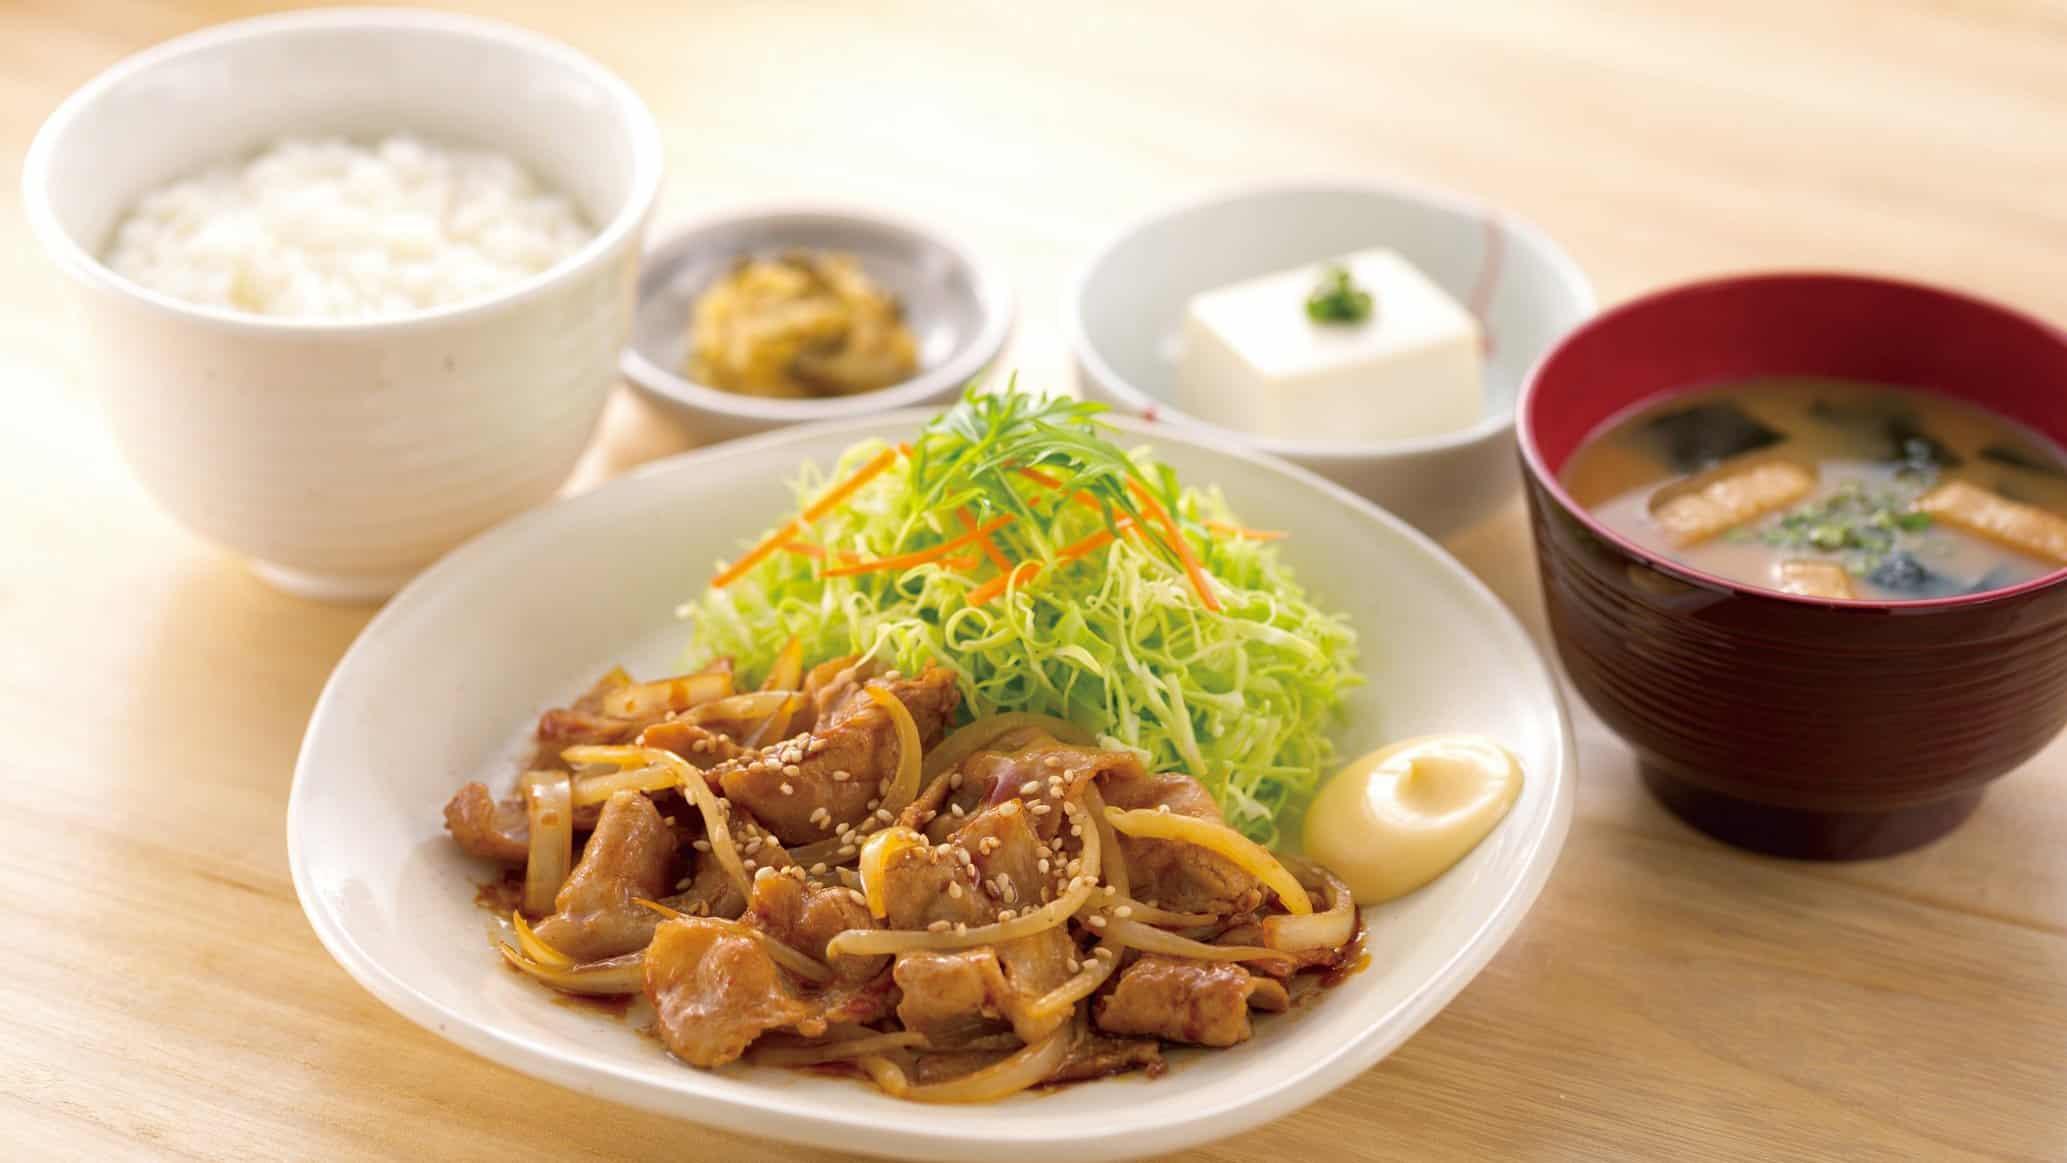 เชนร้านอาหารญี่ปุ่น : ยาโยอิ (Yayoi)